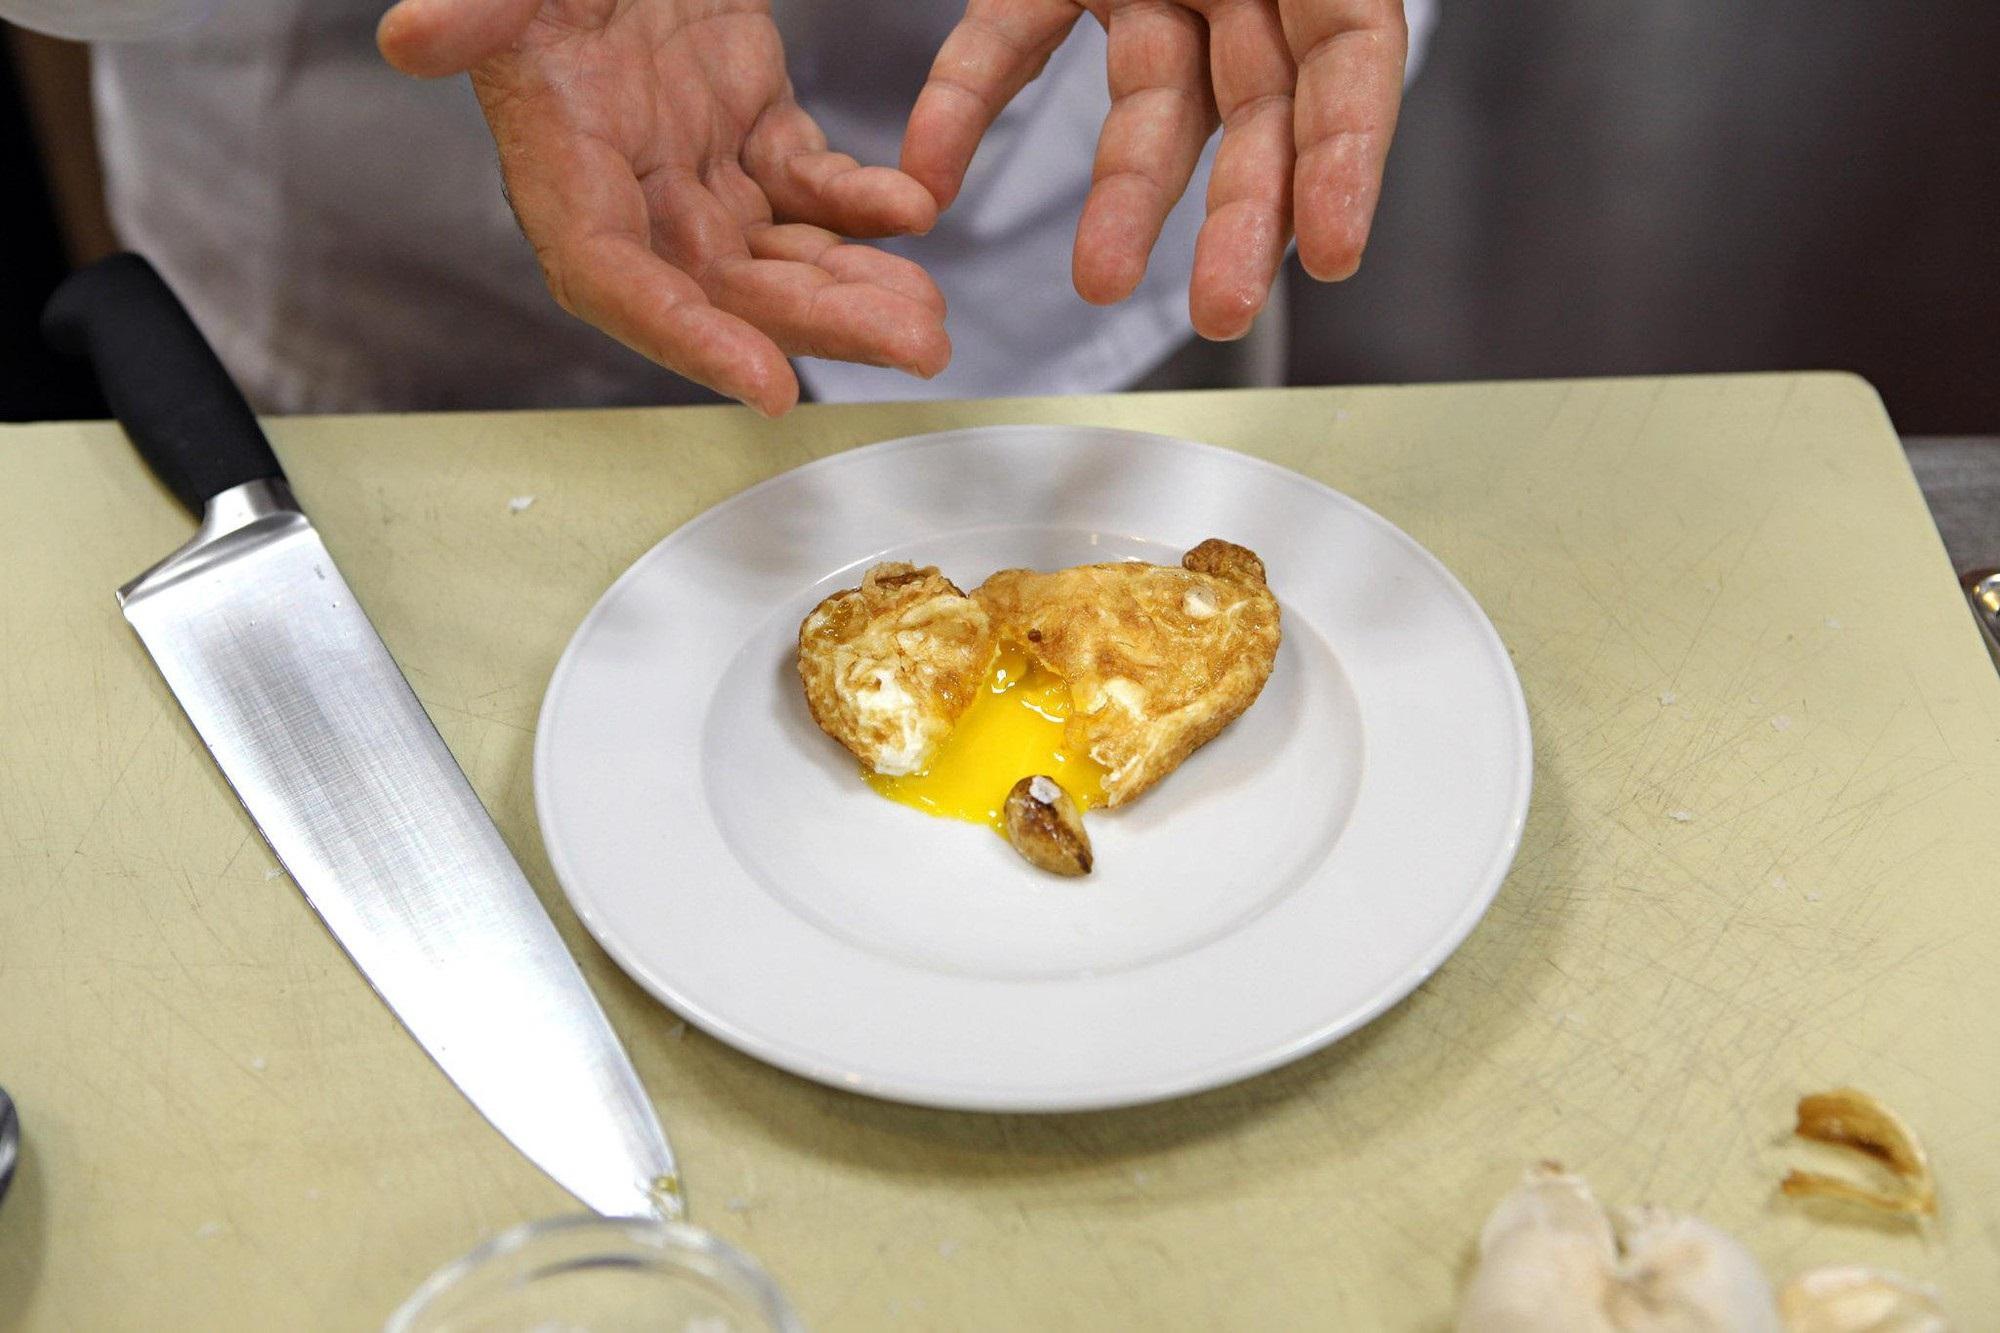 Cũng chỉ là chiên trứng thôi, nhưng nghiêng chảo như vị đầu bếp lừng danh này thì bạn sẽ có món trứng ốp la chuẩn 5 sao - Ảnh 4